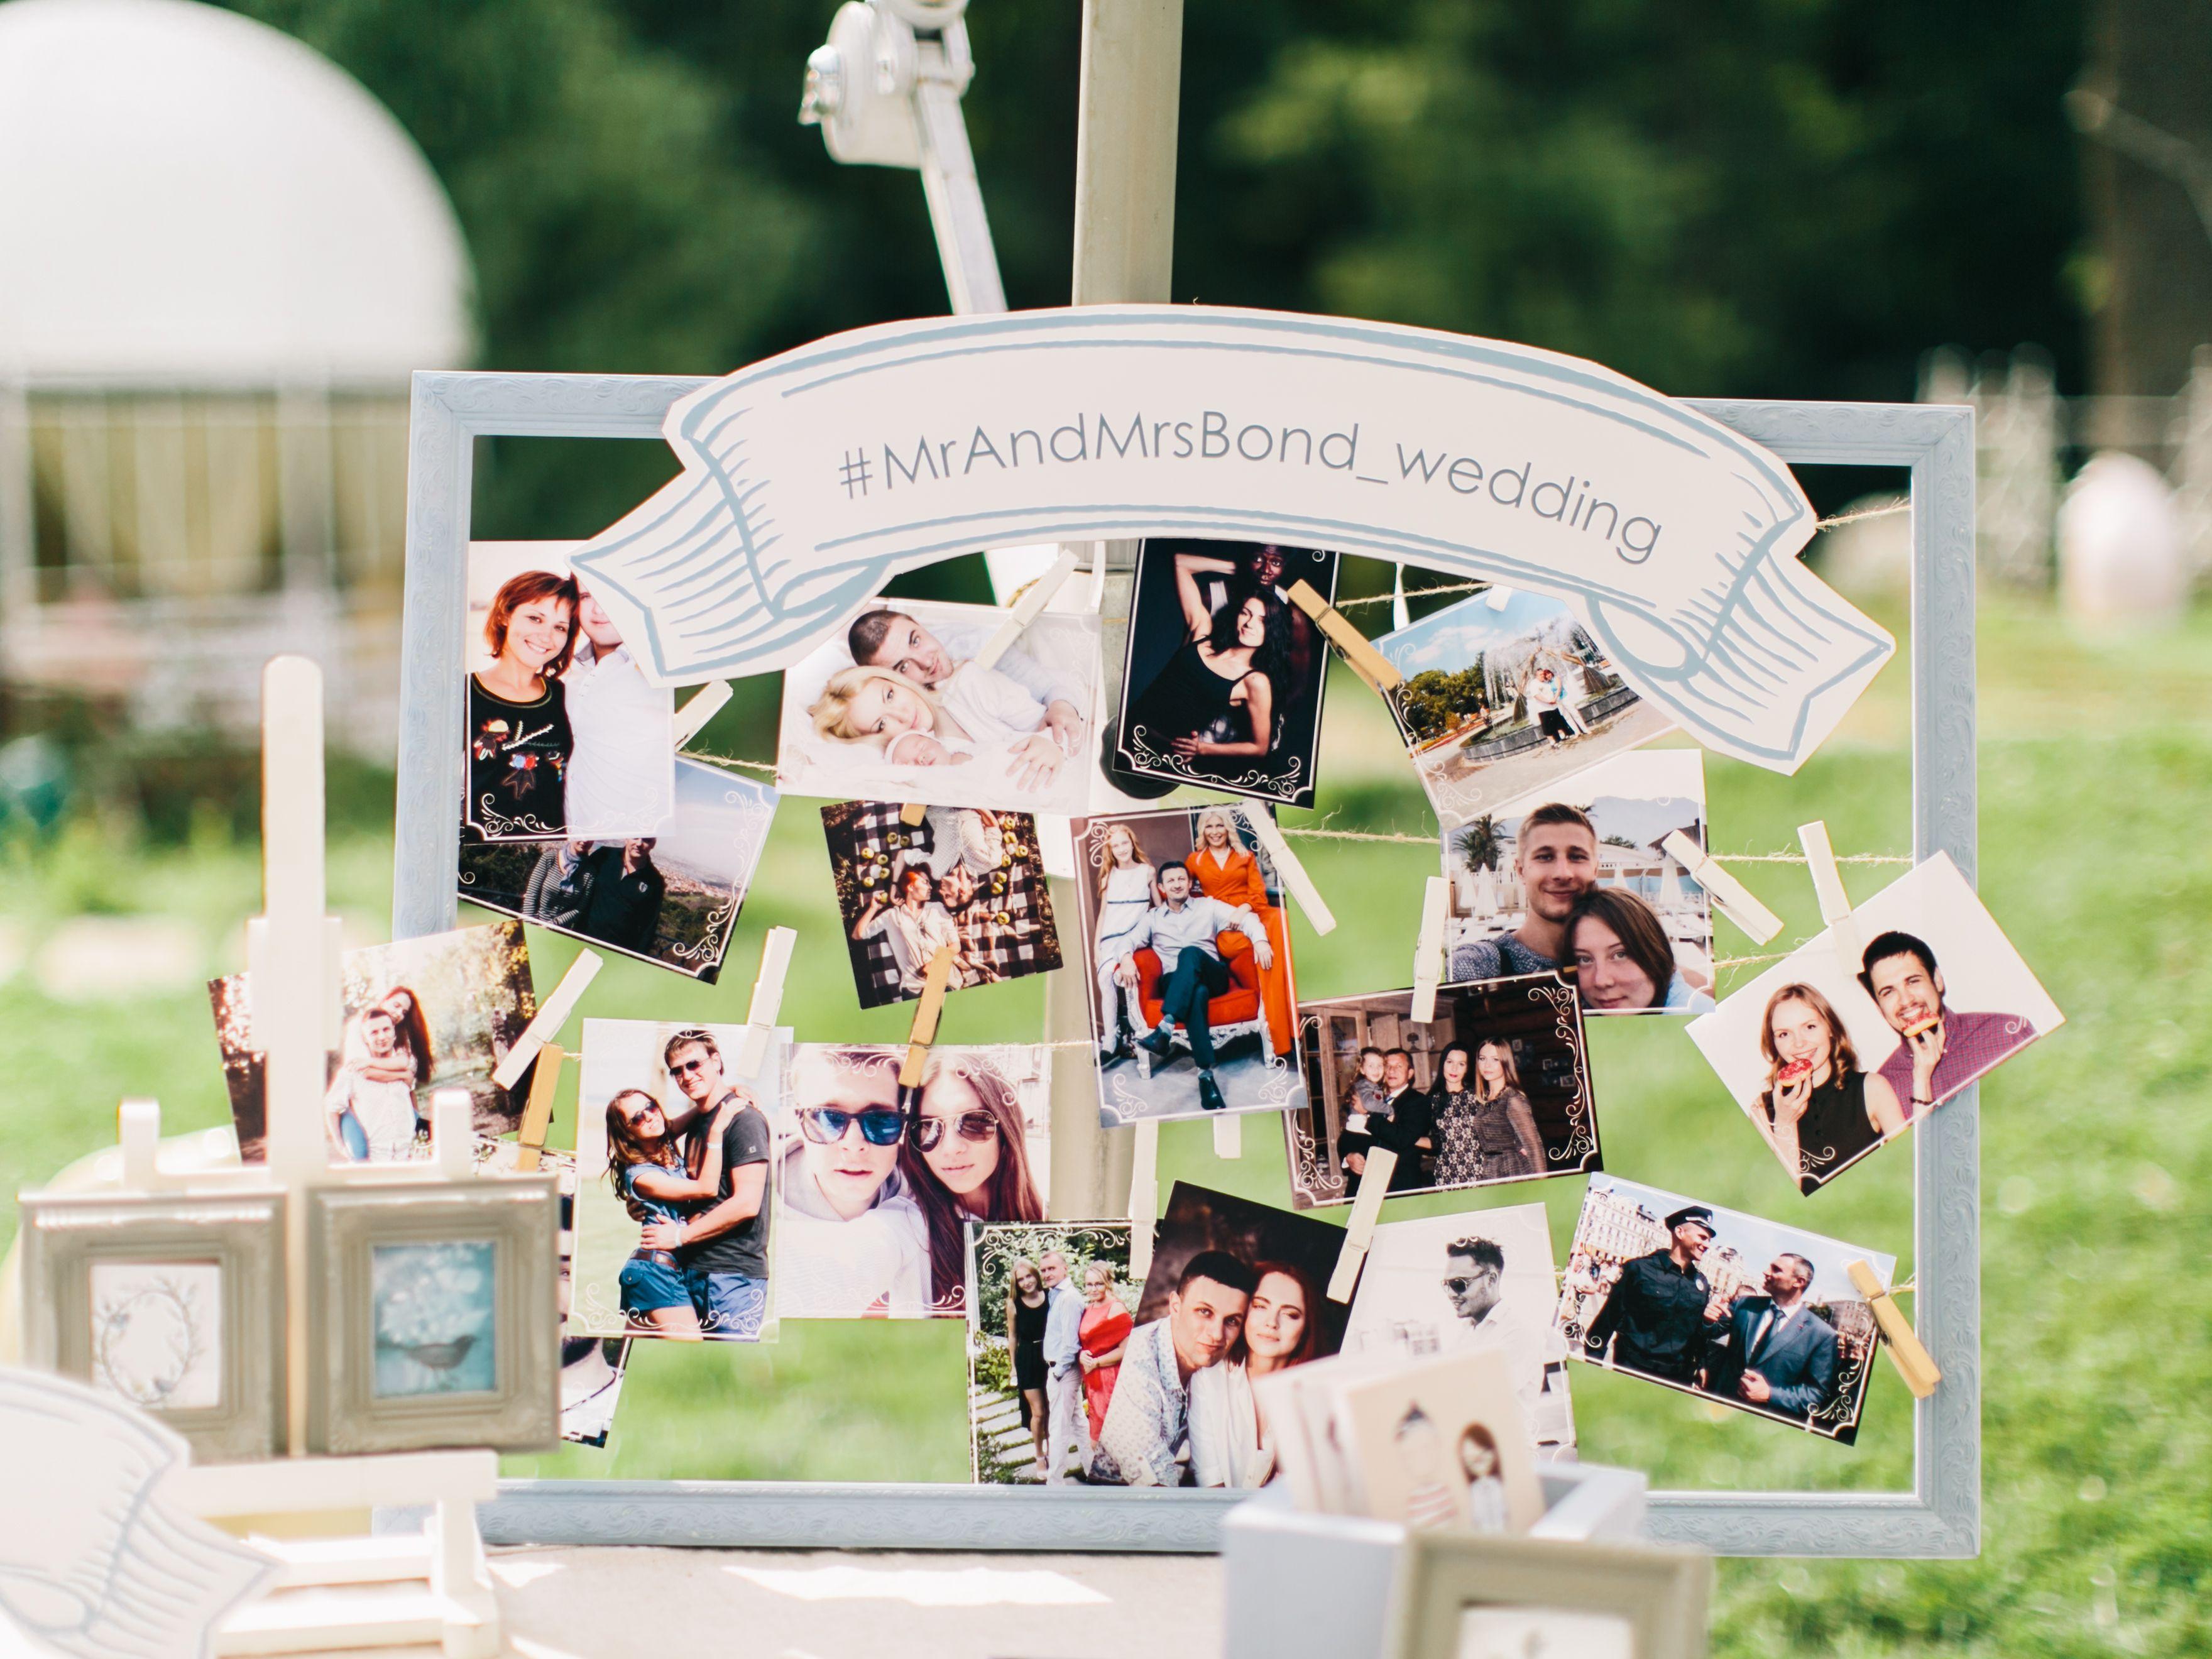 ceremony, rusric wedding, wedding cards, wedding photo, памятные мелочи, свадебный декор, свадебные рисунки, свадебная полиграфия, фотографии, память, воспоминания